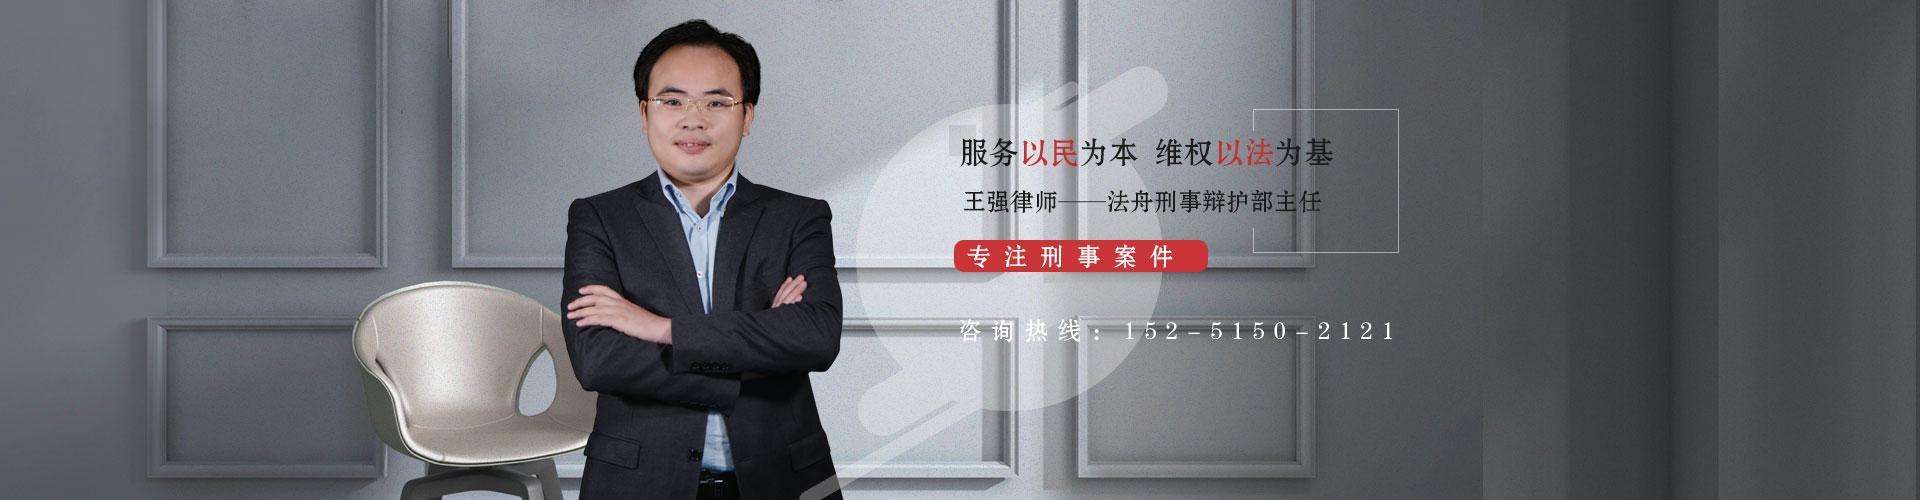 江苏王强律师